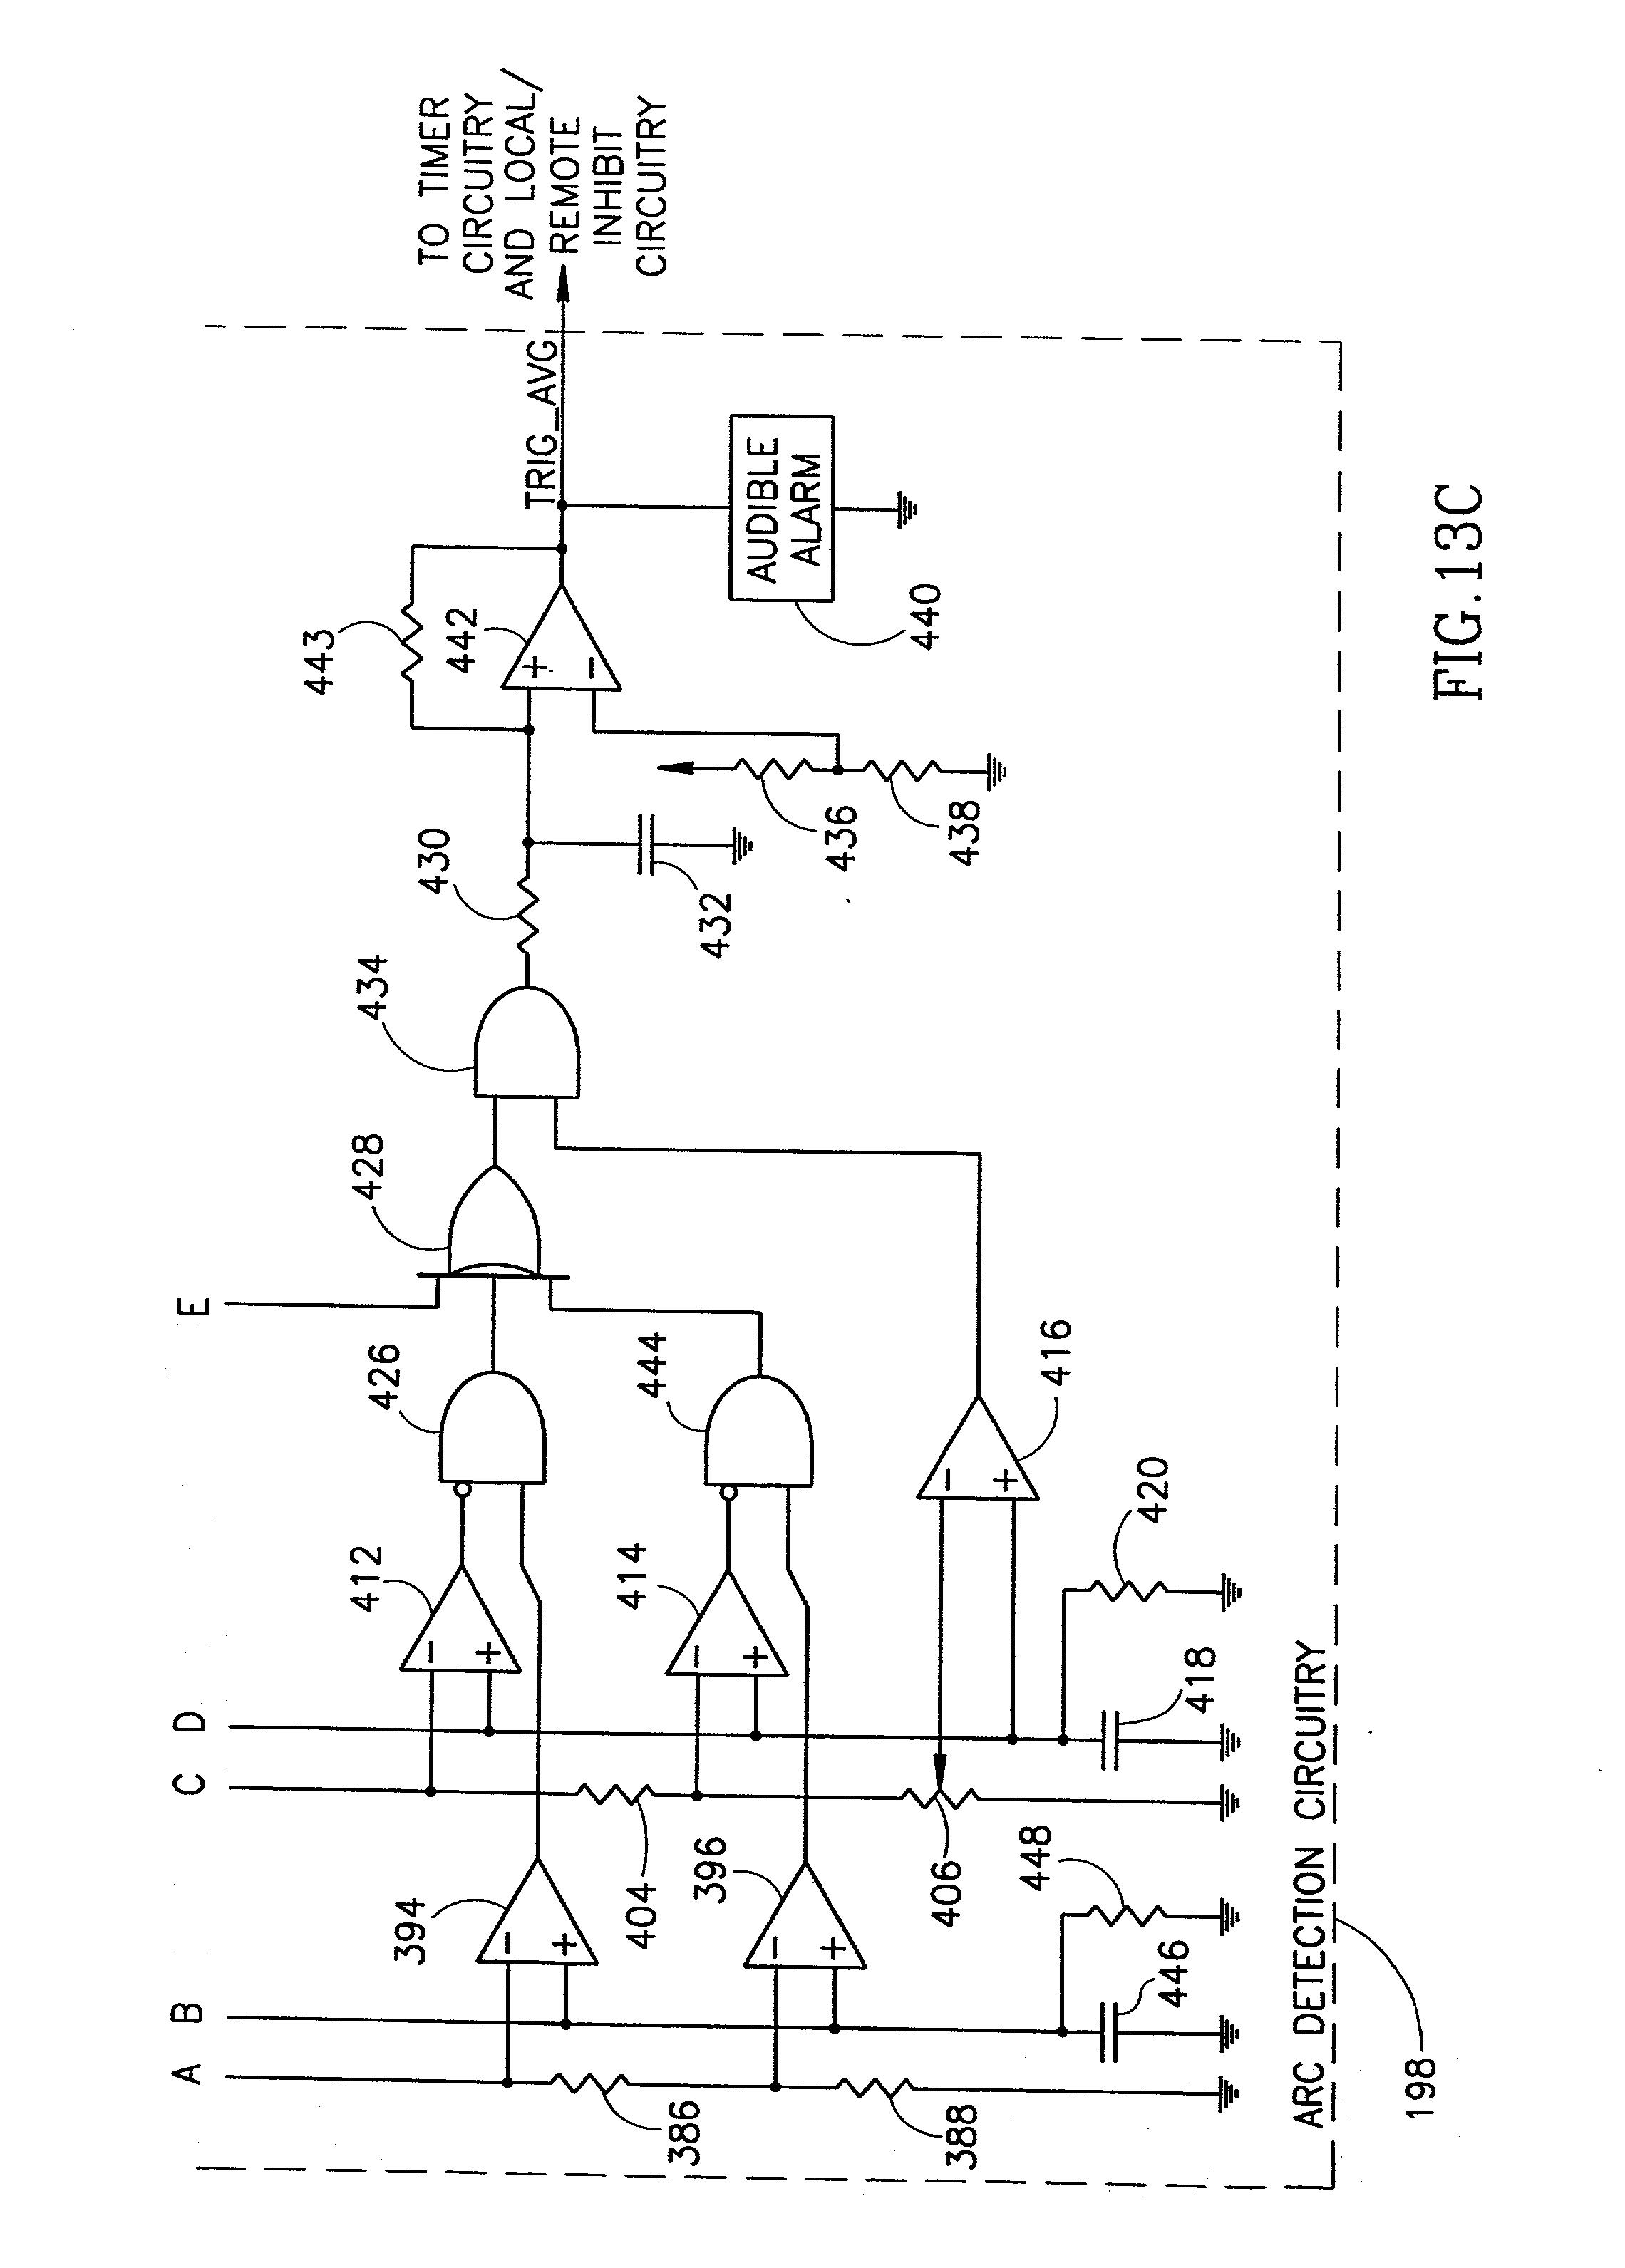 patent us20020149891